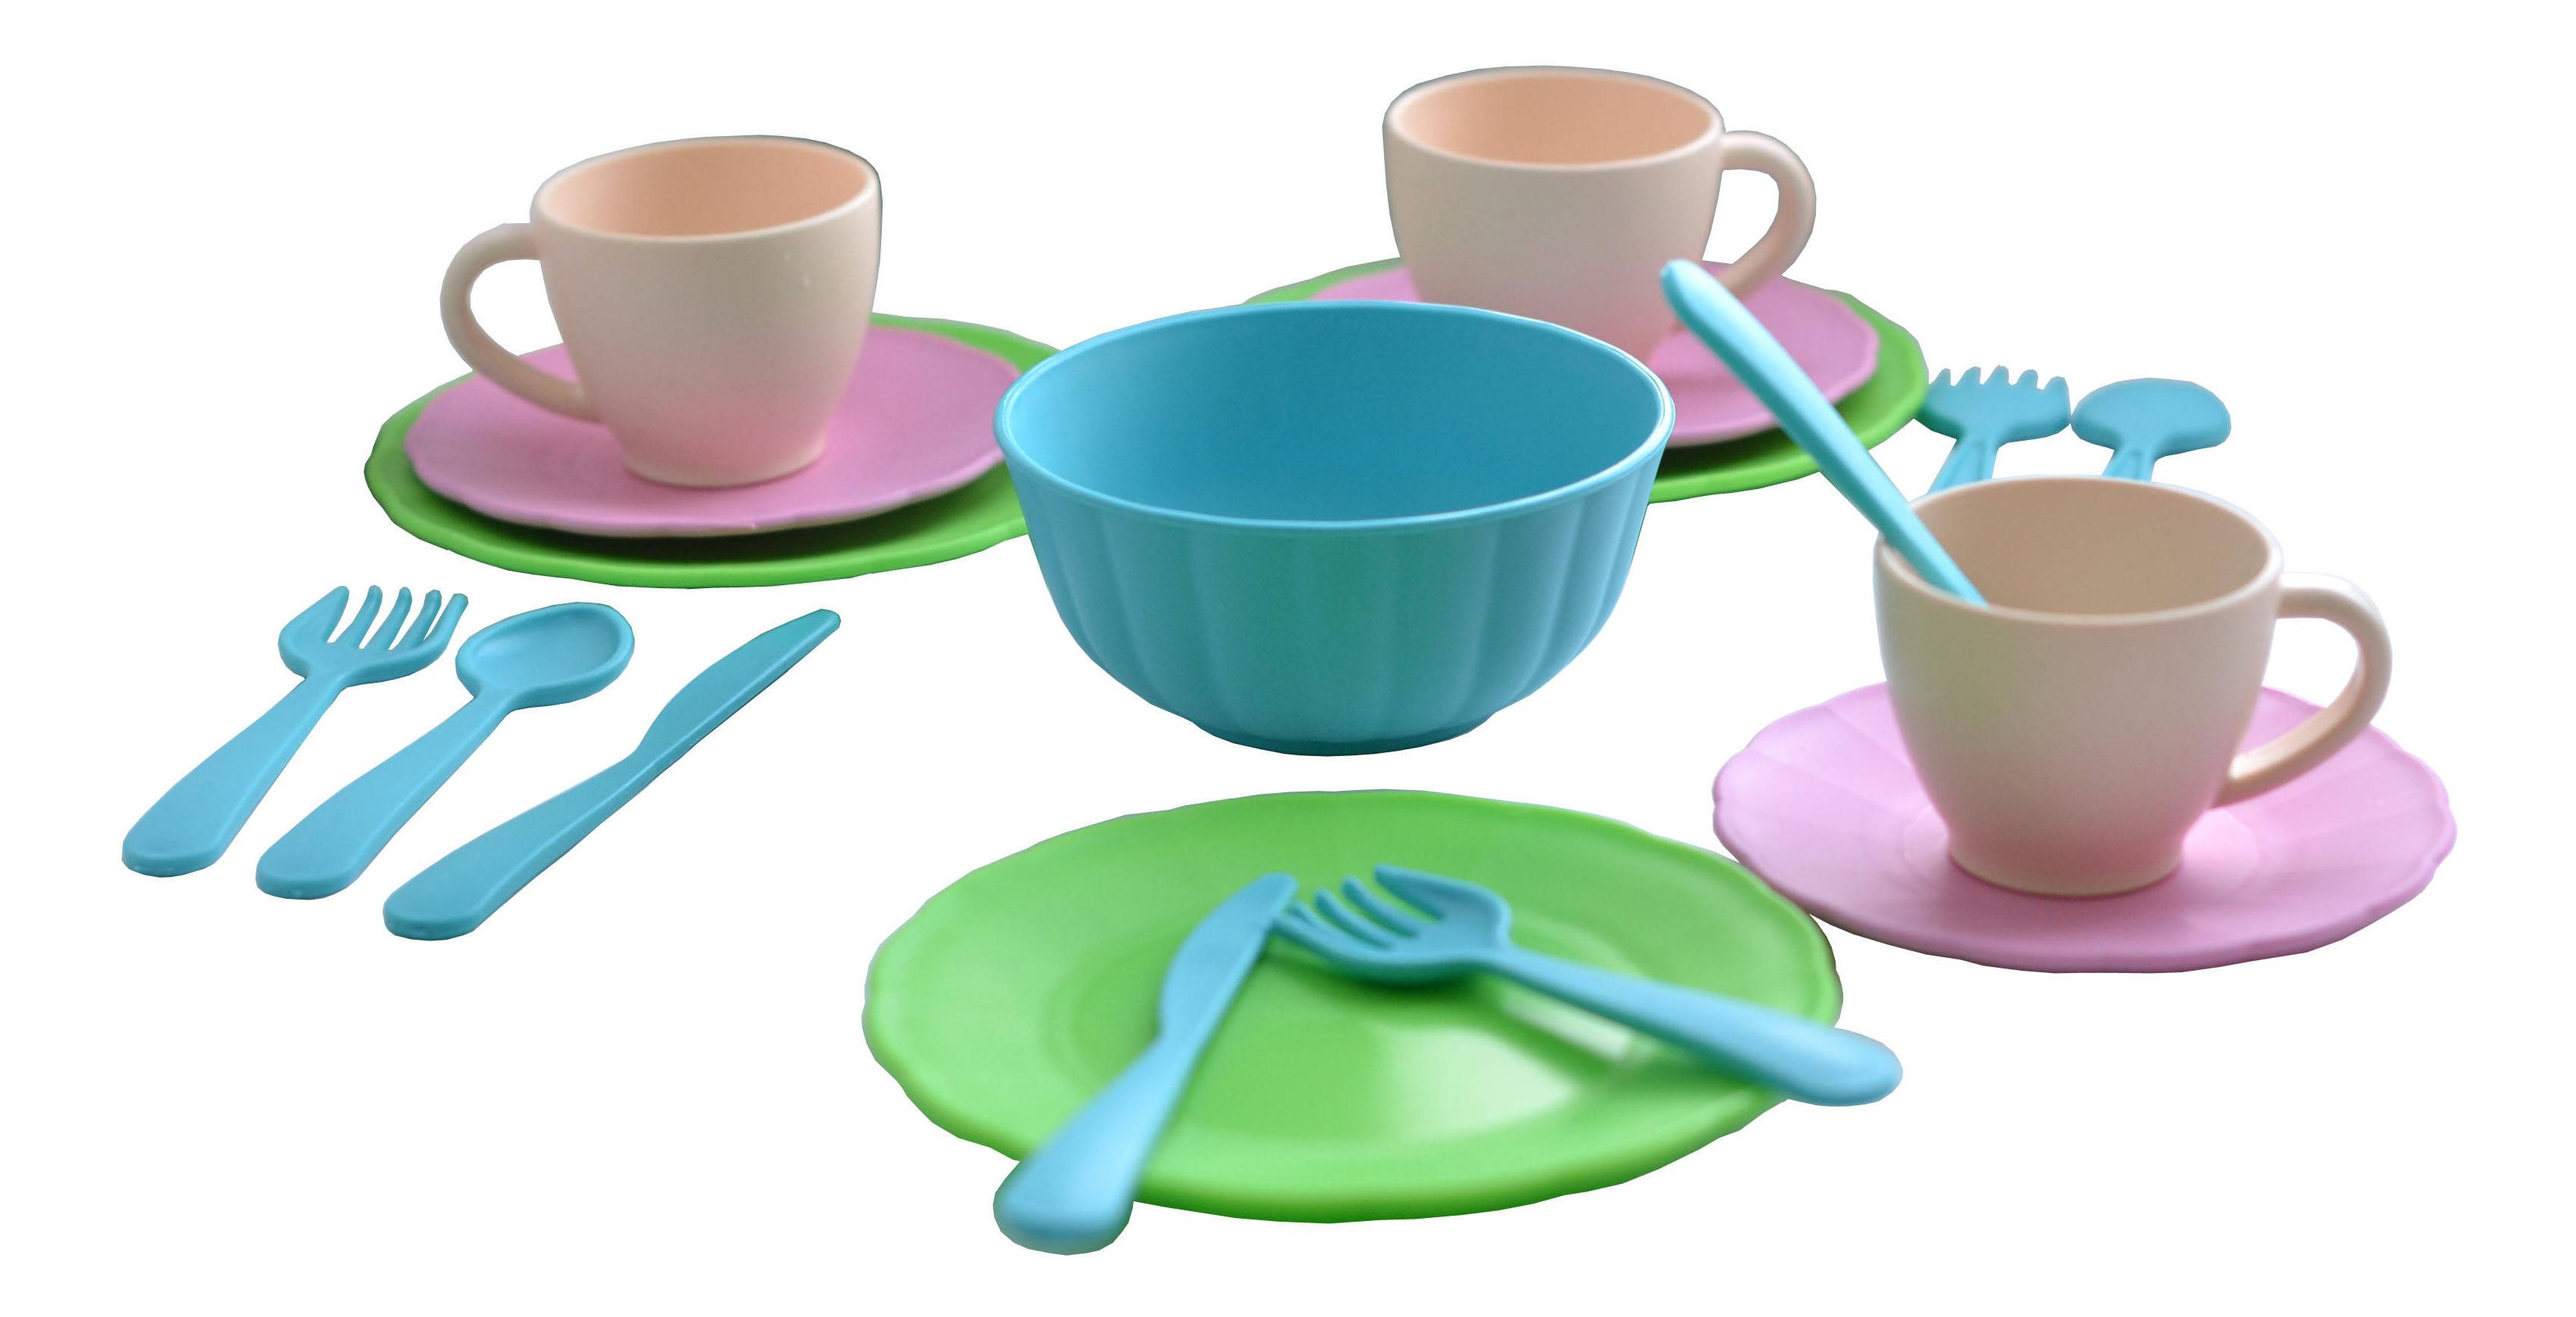 Купить Набор посуды игрушечный Форма Сервиз чайный Подружки, Игрушечная посуда